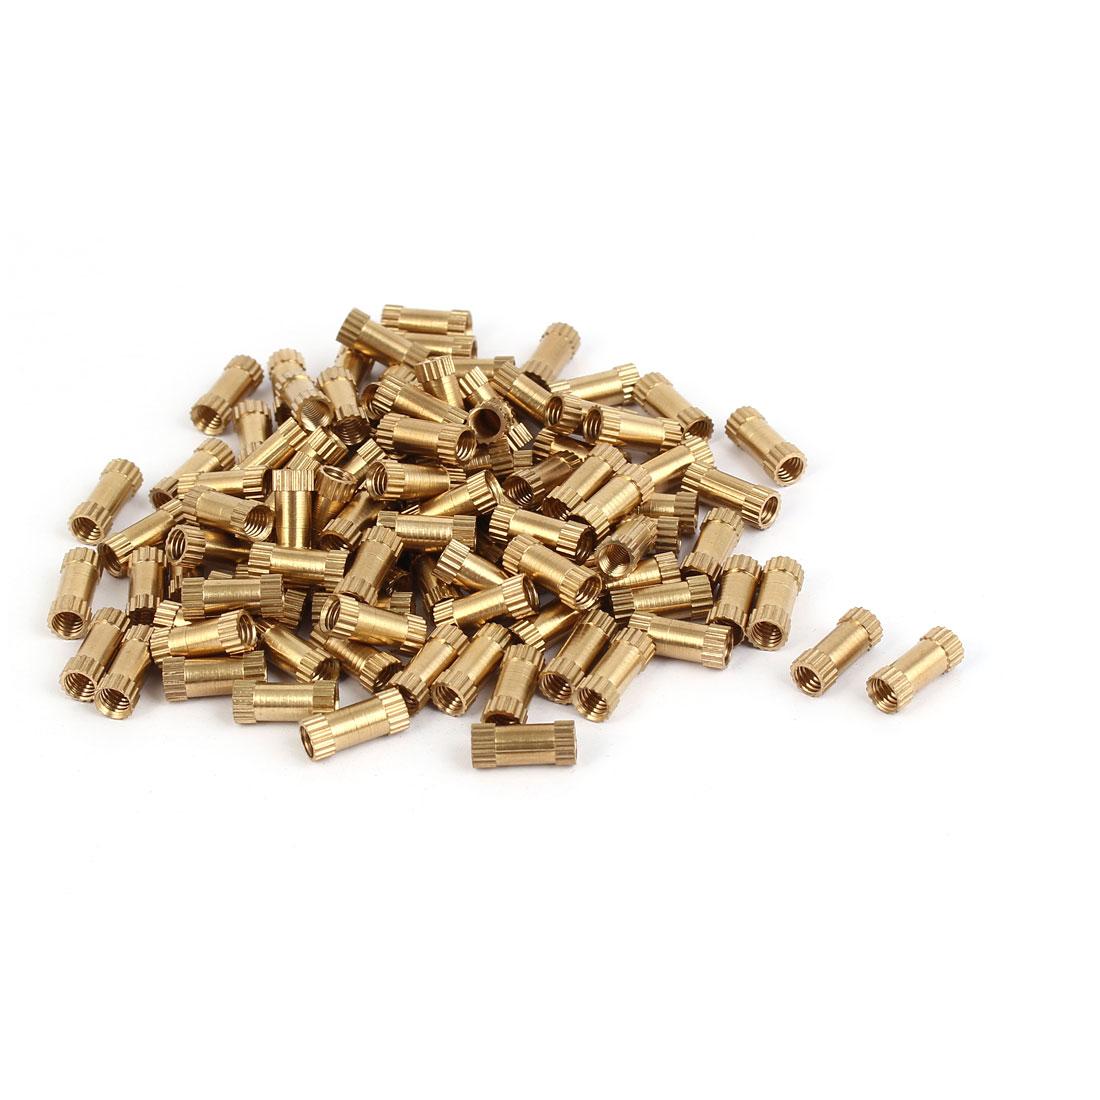 M4 x 12mm Female Thread Brass Knurled Threaded Insert Embedment Nuts 100PCS